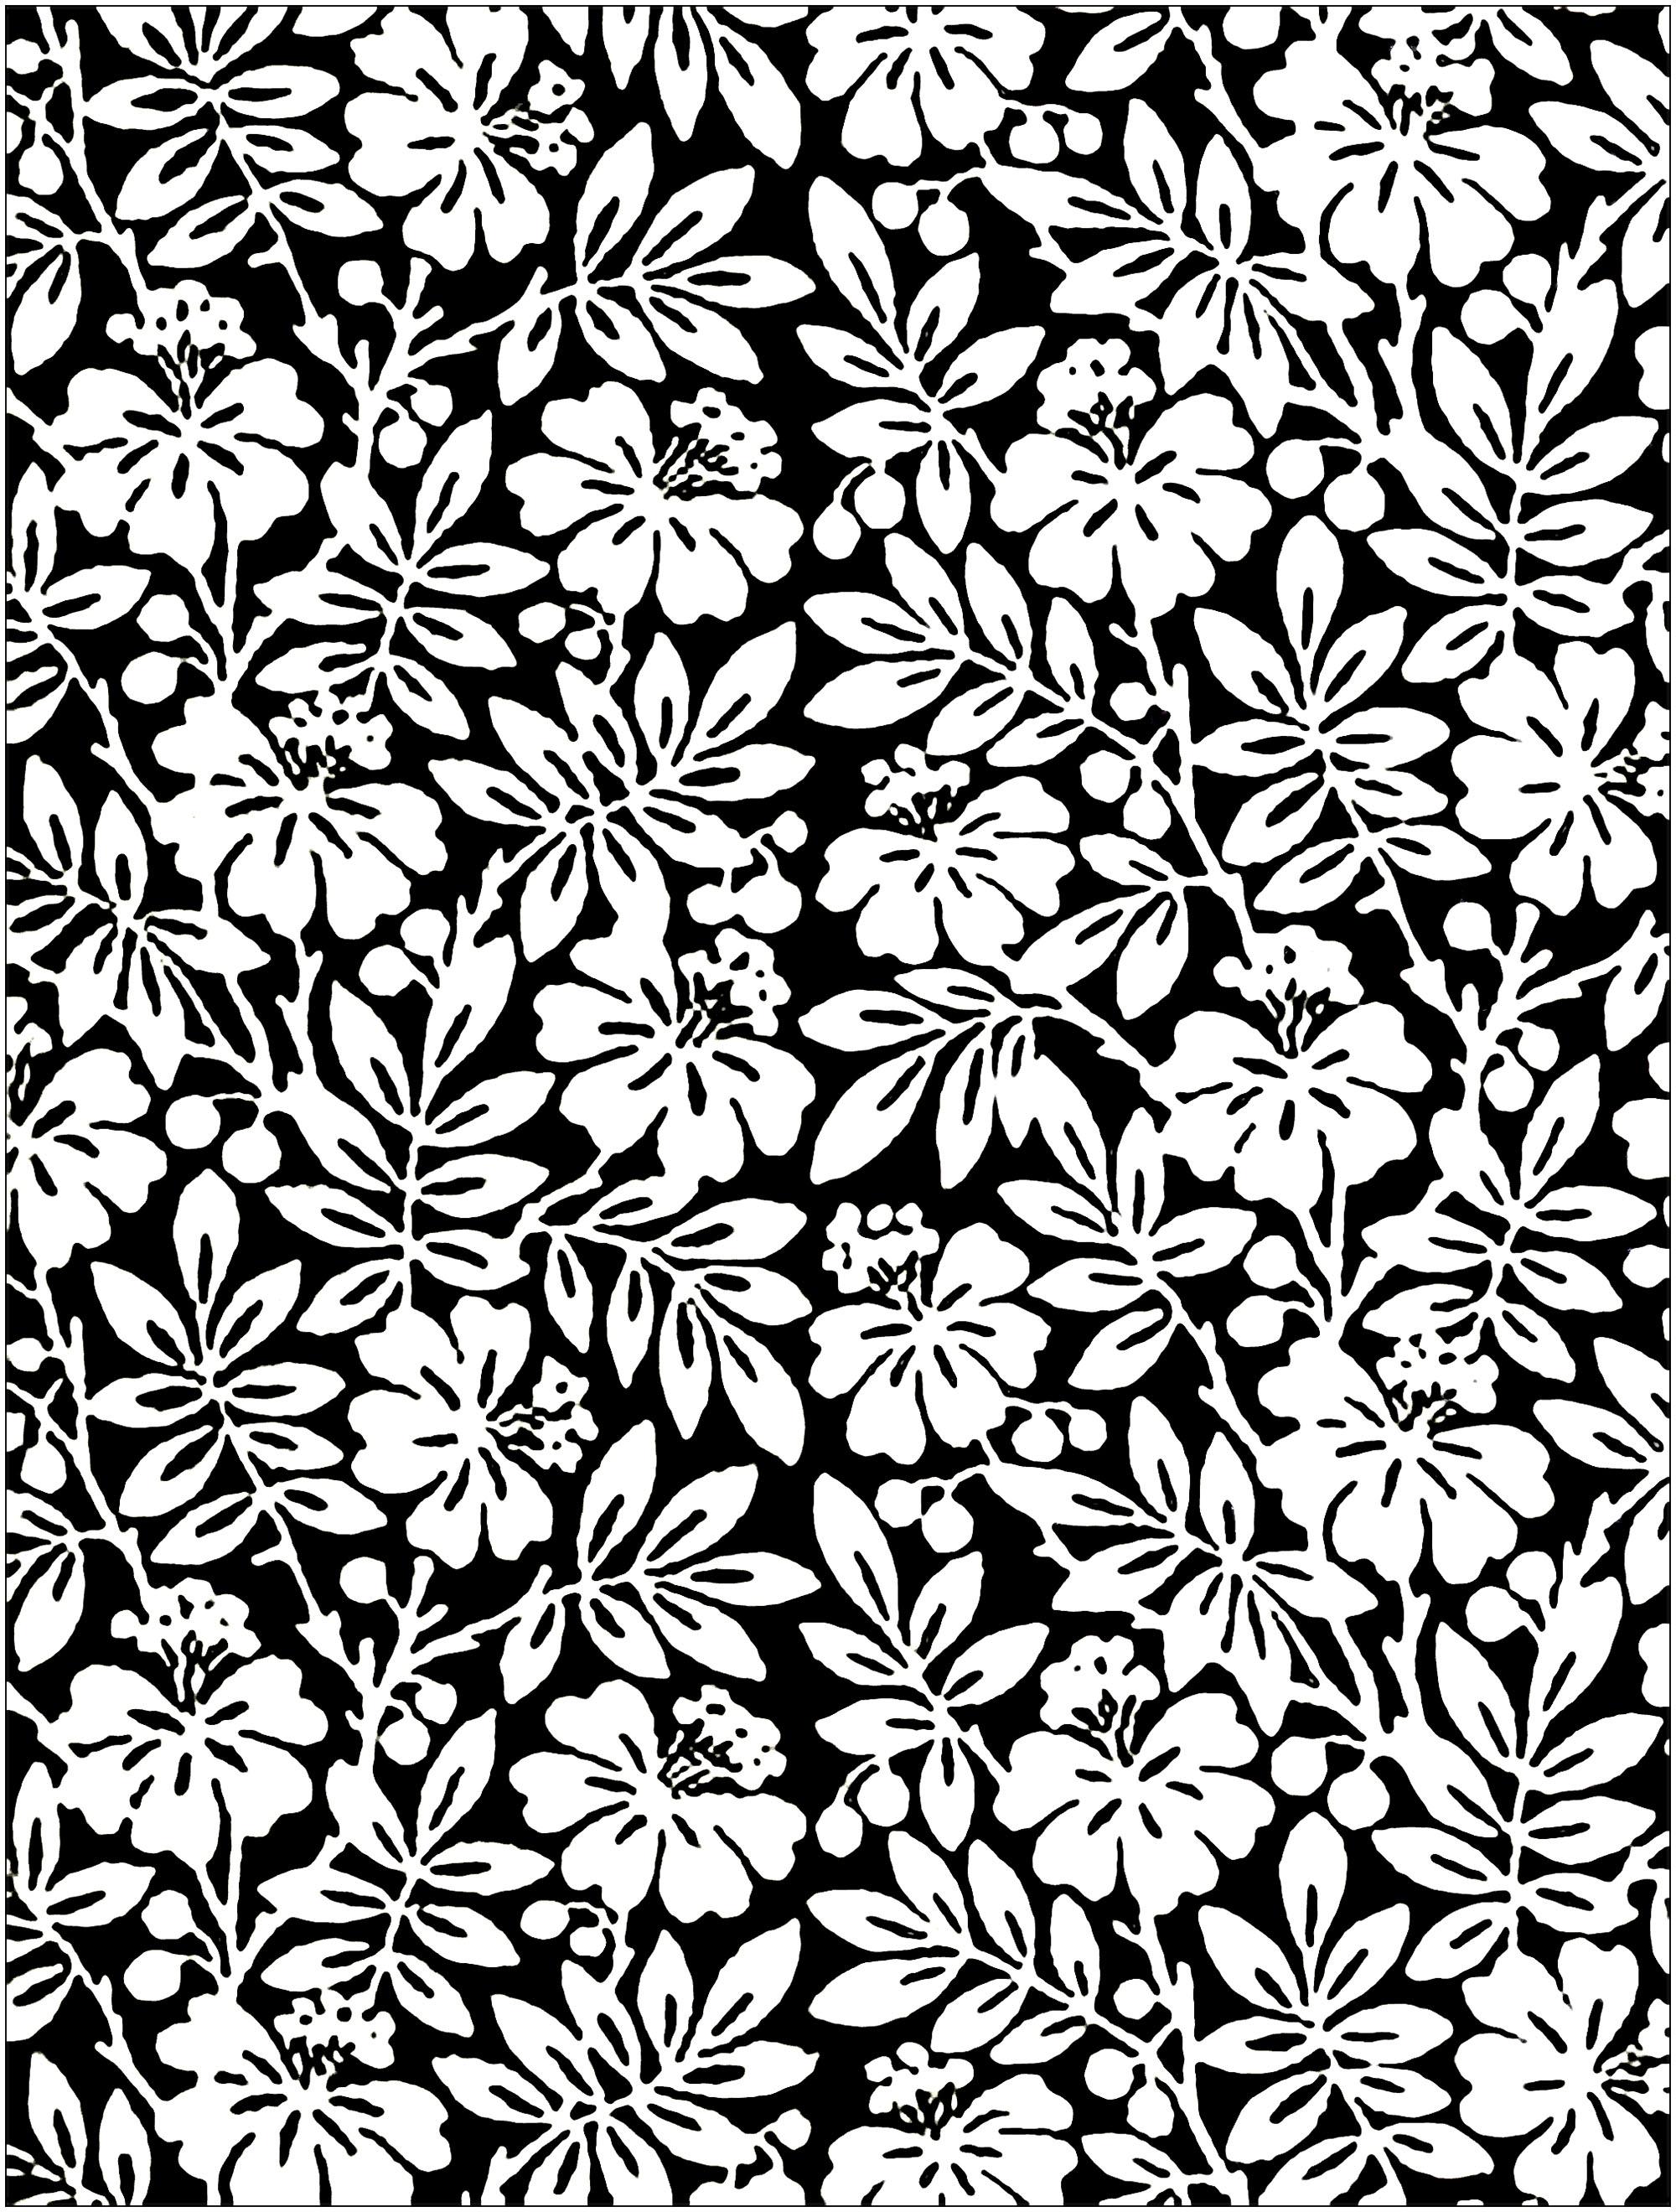 Coloriage composé de fleurs sur fond noir, créé à partir d'un papier peint anglais du 19e siècle